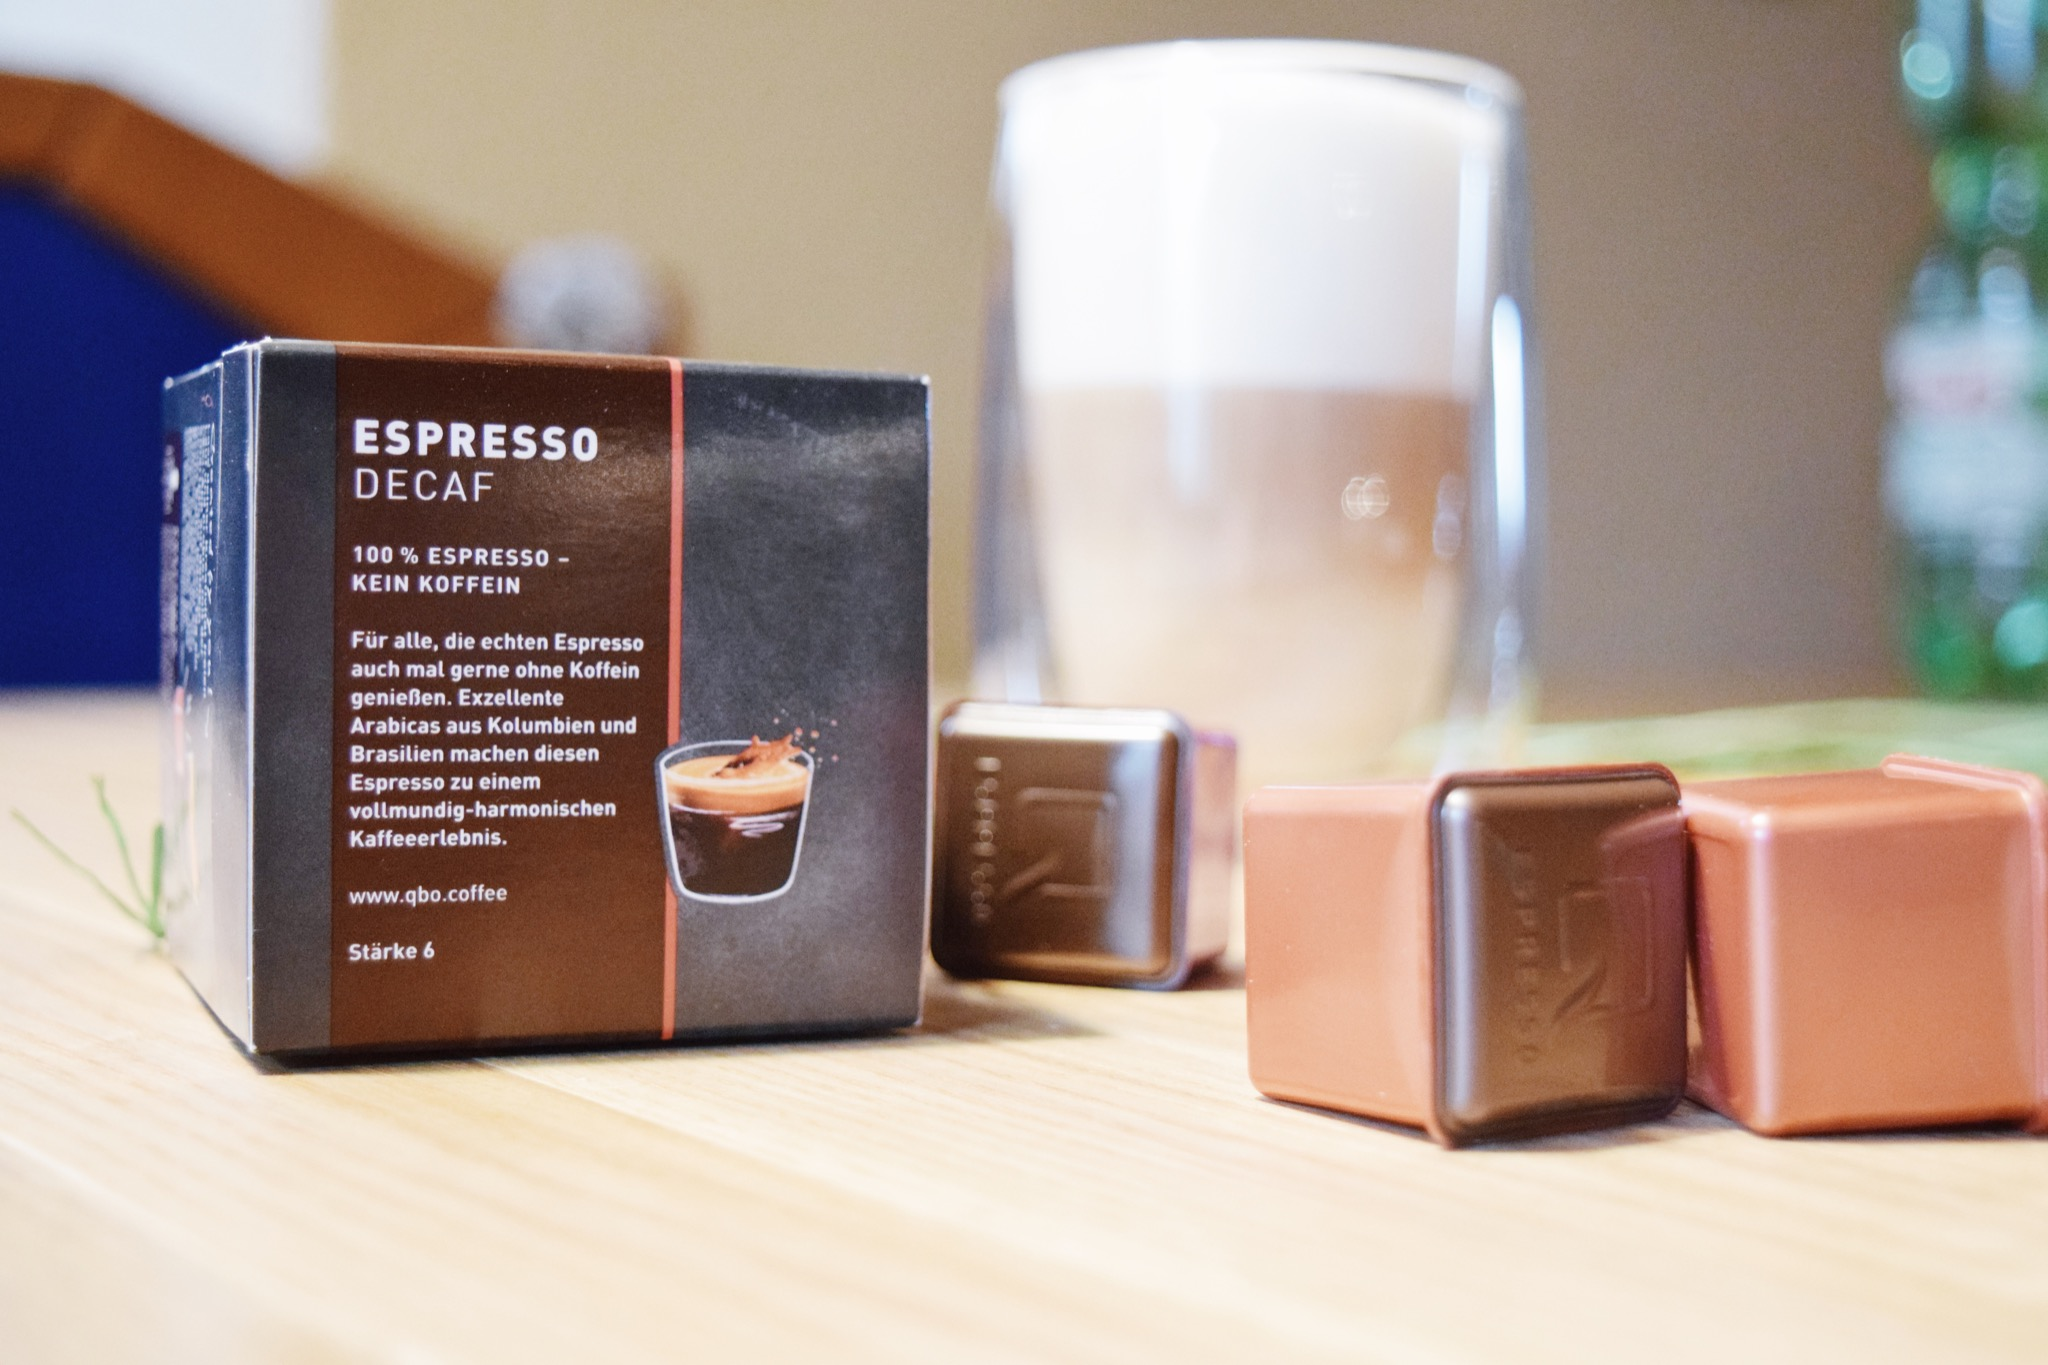 Qbo Decaf Espresso46